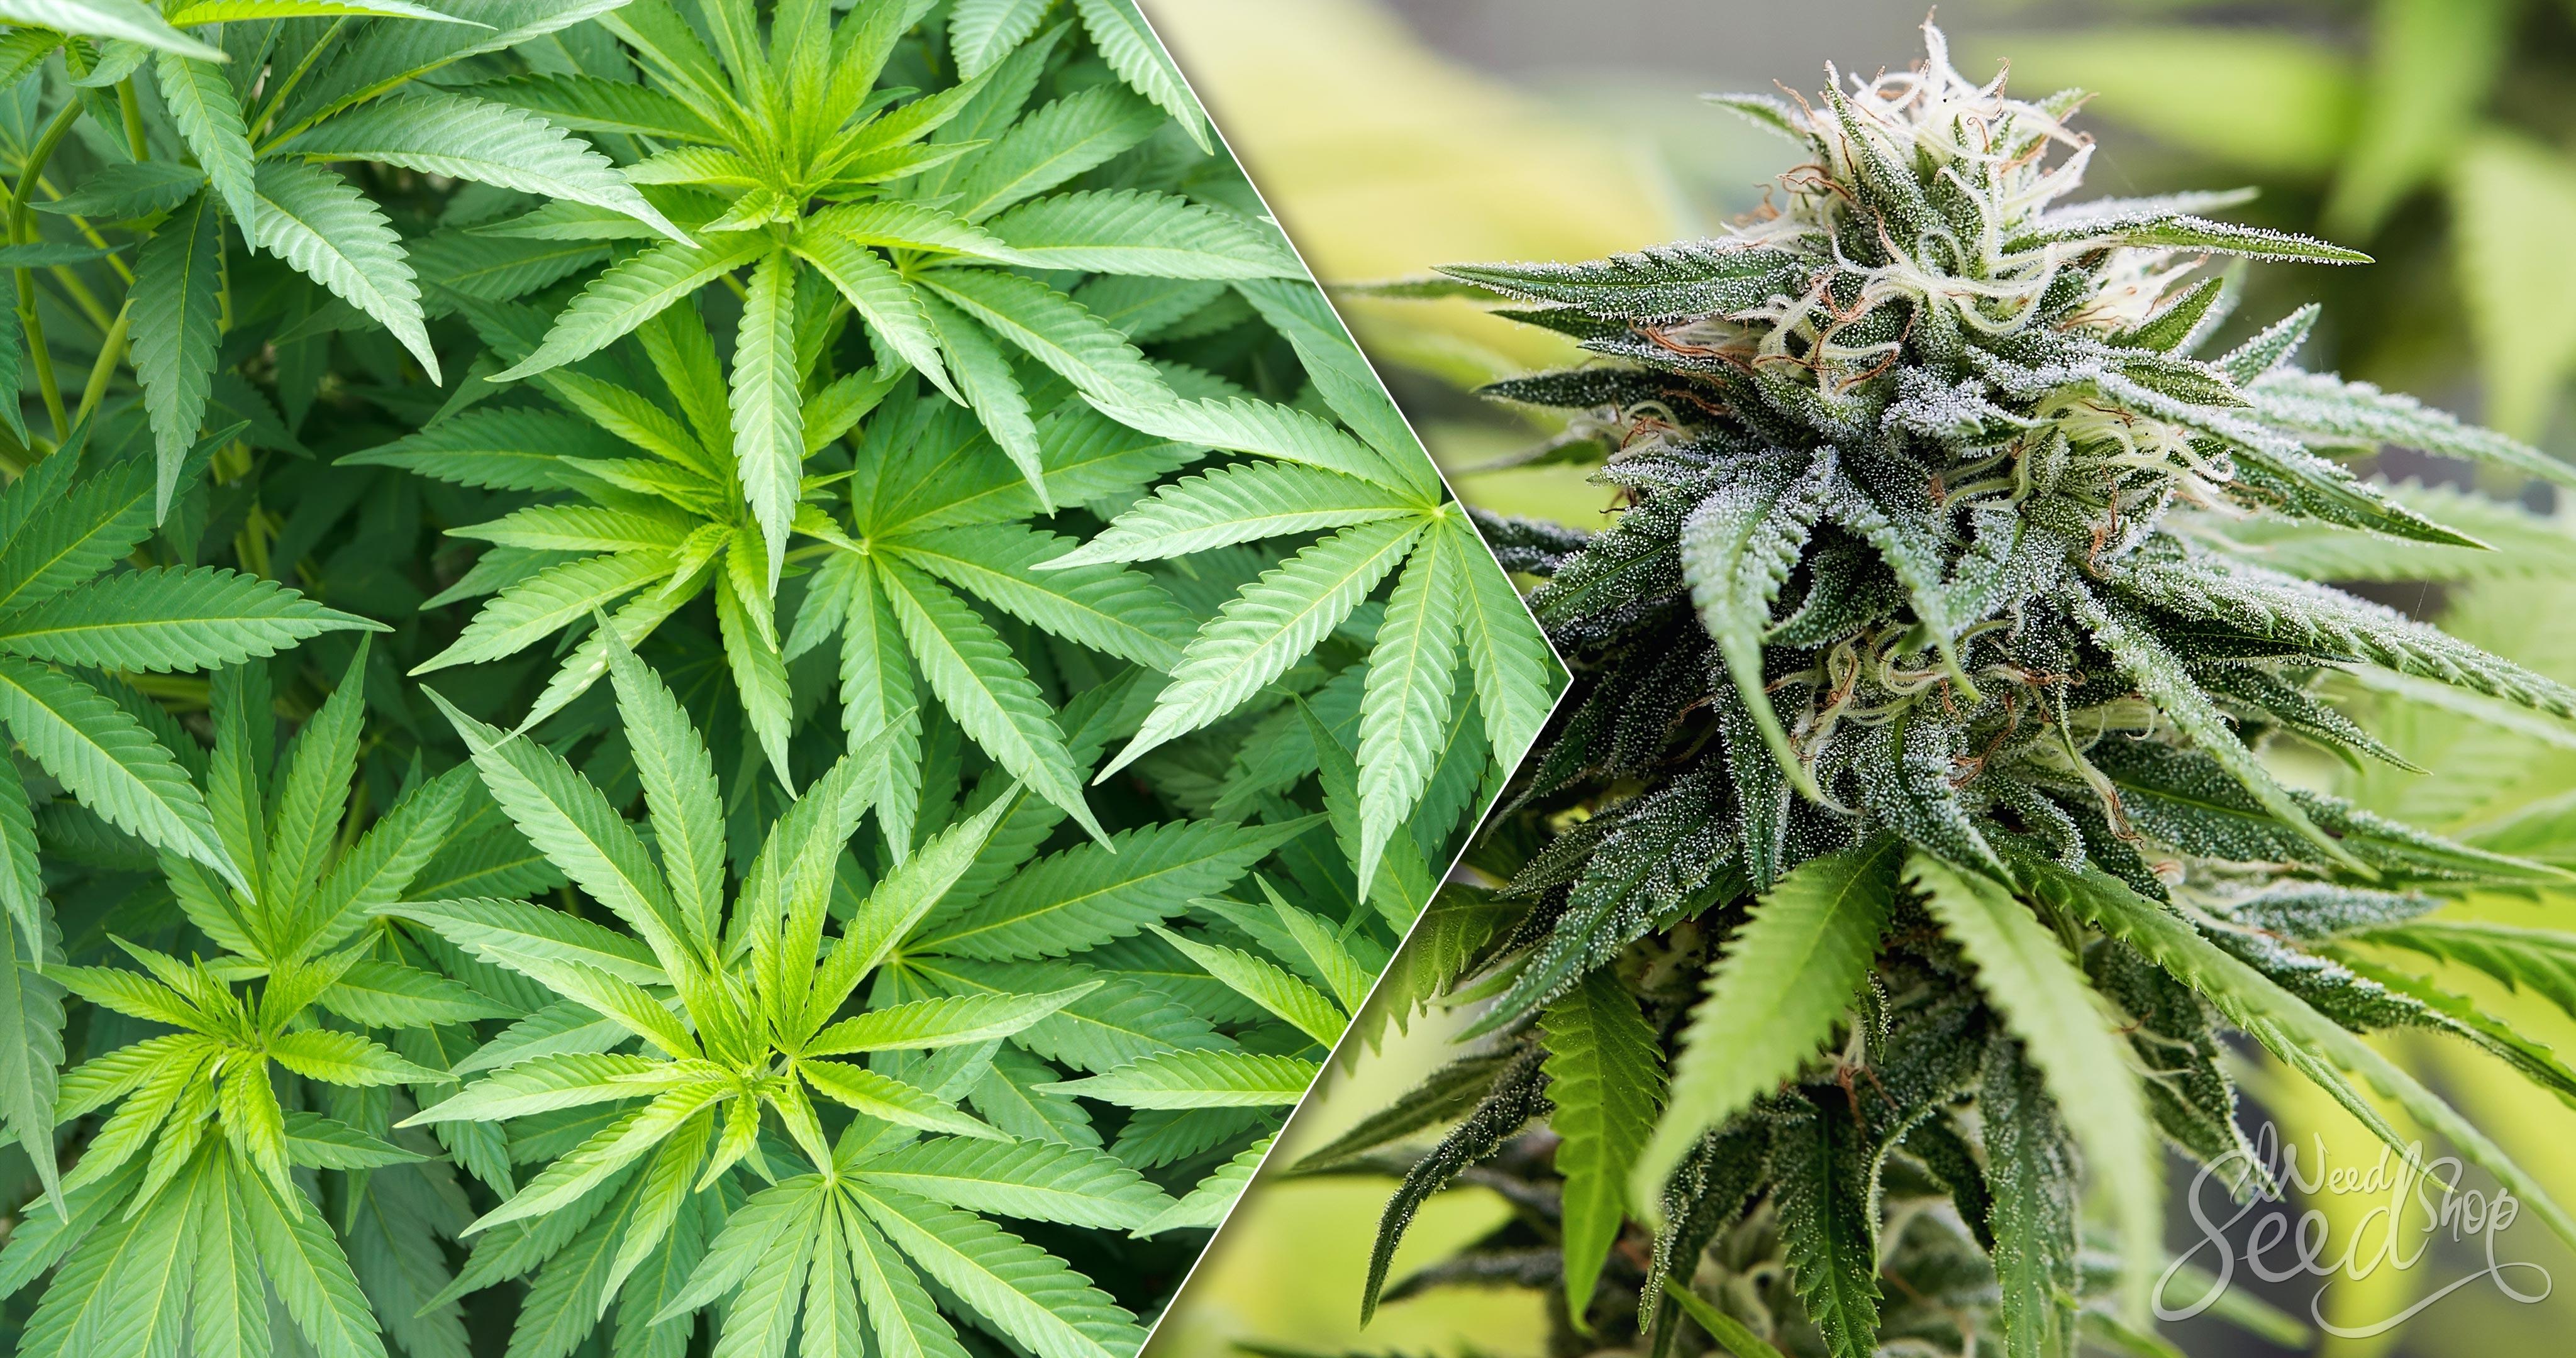 Wann Cannabis-Pflanzen zur Blüte bringen? Weed SeedShop